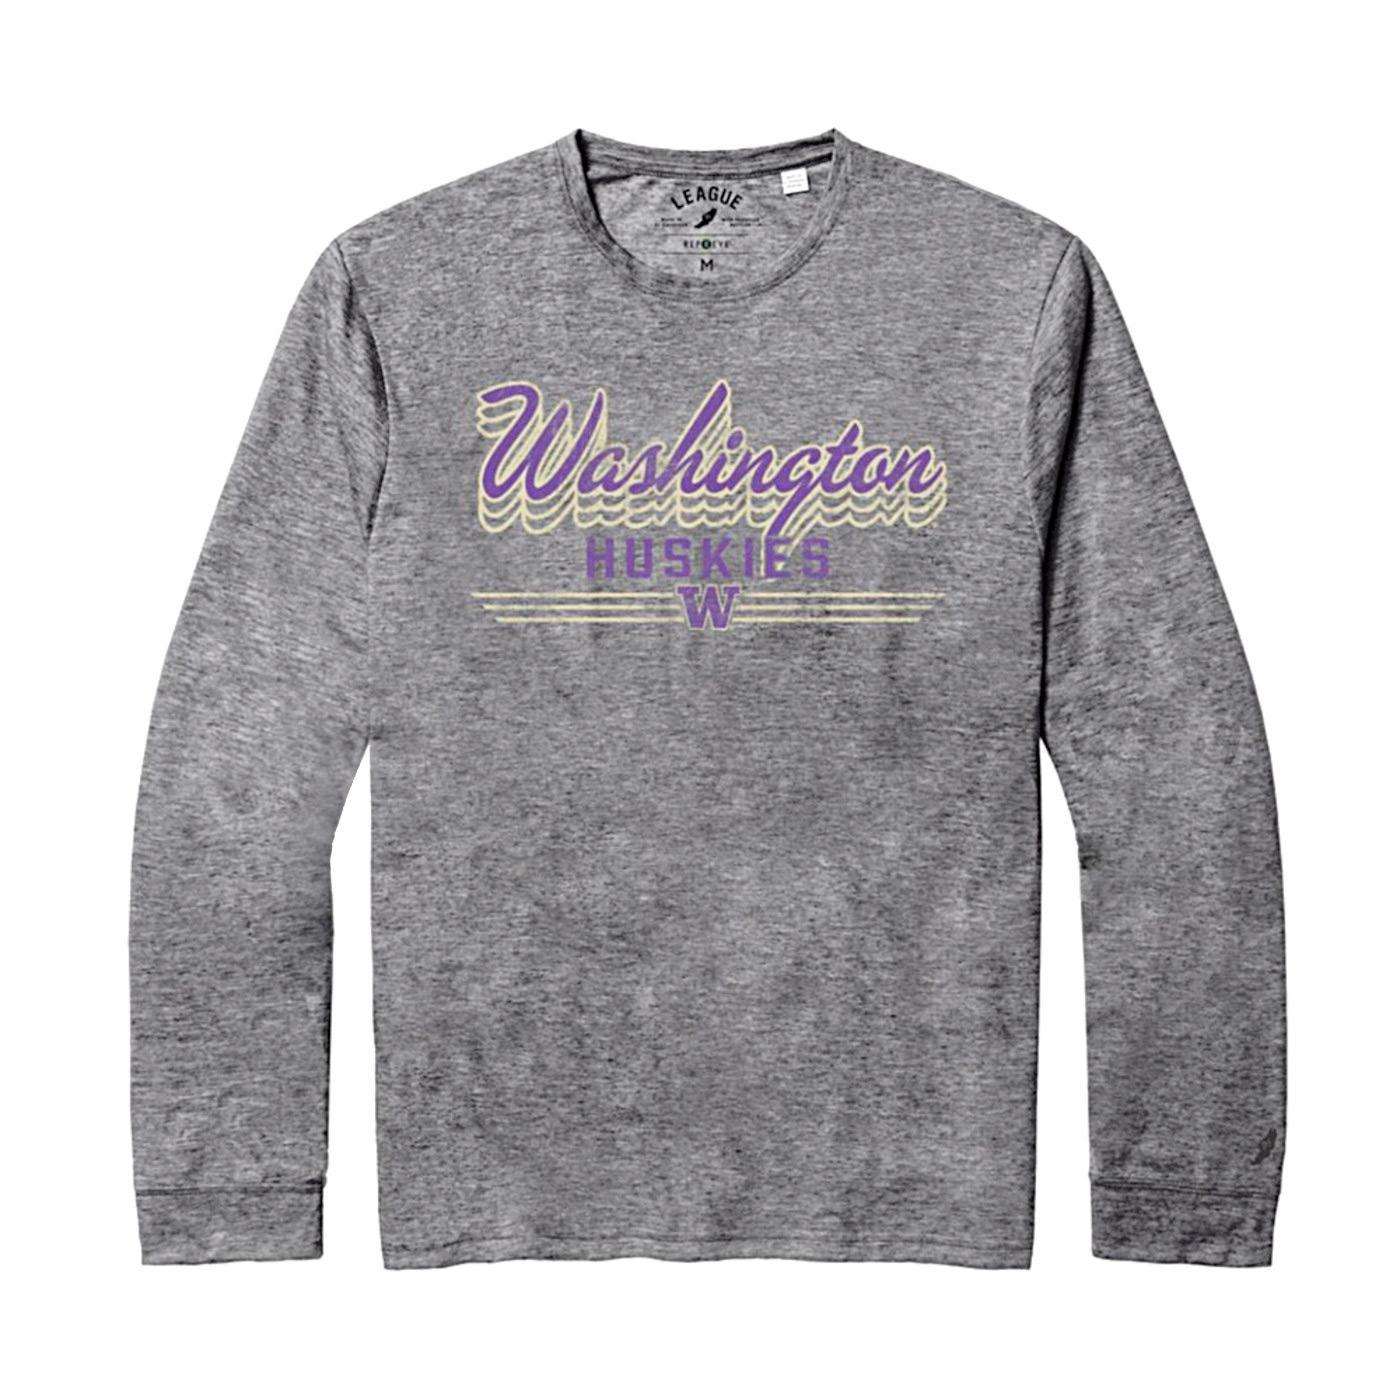 League Unisex Washington Huskies Reclaim Long Sleeved Tee